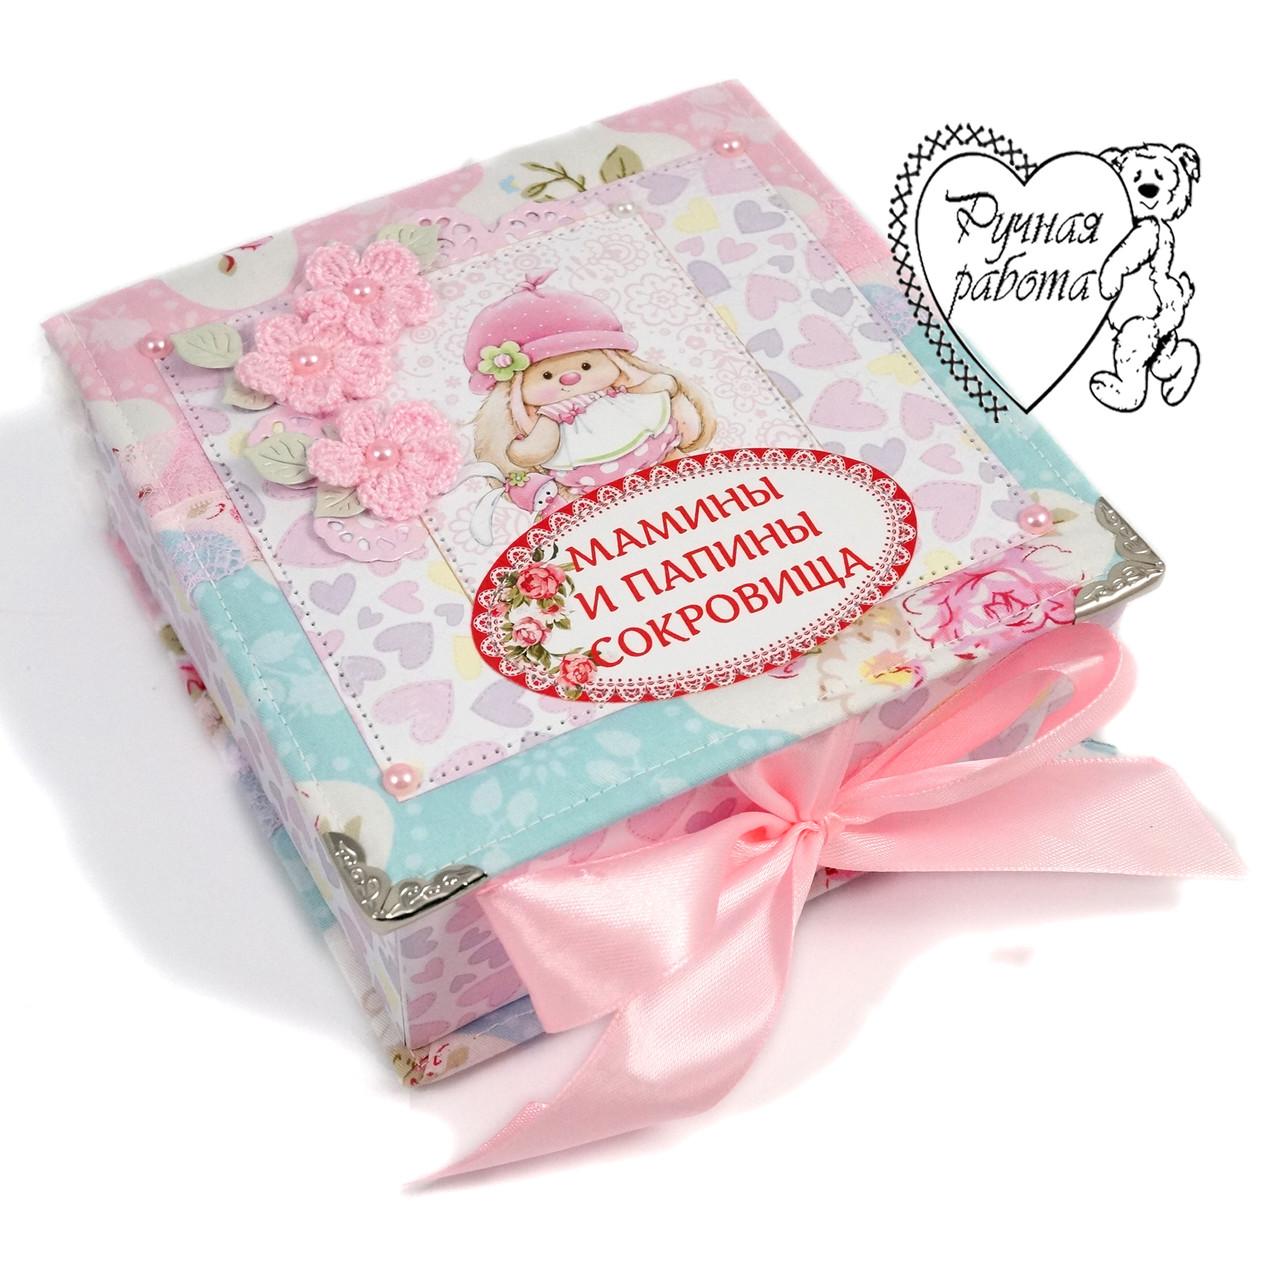 Скринька мамині скарби на народження для дівчинки Зайка ручної роботи 15 на 15 см, маленька